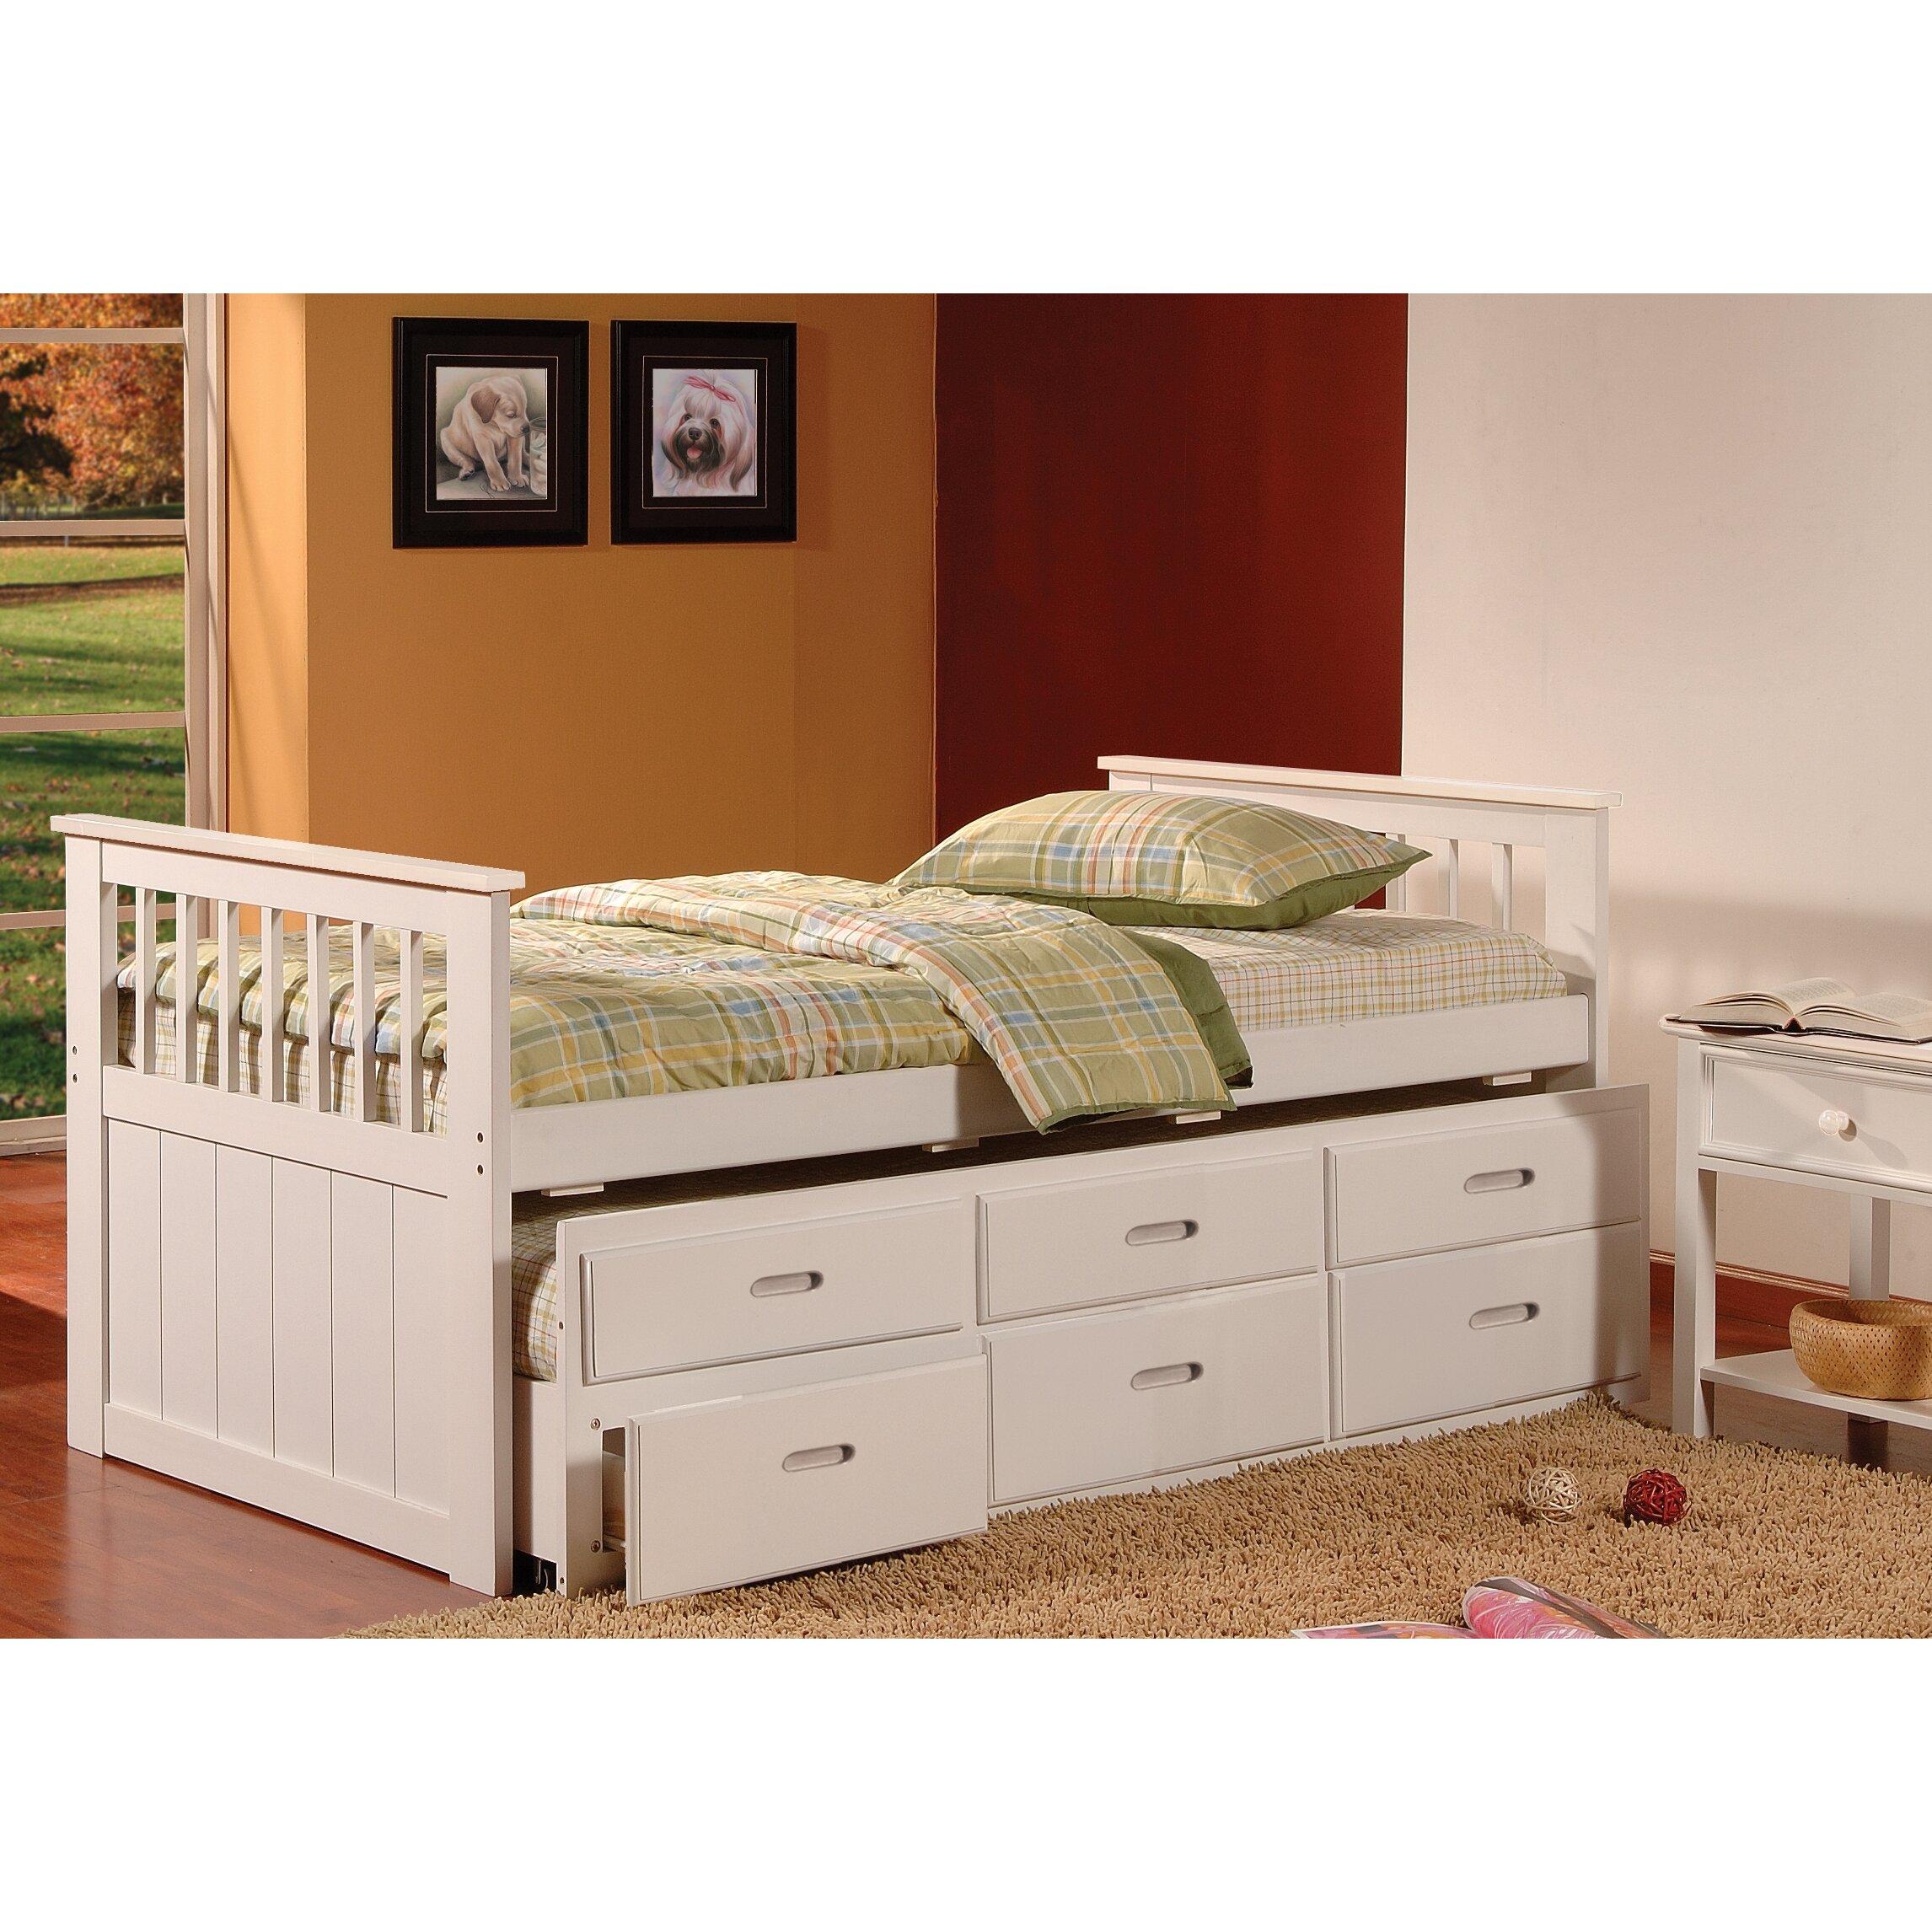 Childrens Bedroom Wallpaper Bedroom Door Paint Bedroom Bins Uk Bedroom Design Blueprint: Wonderful Ed Campbell Closet Classics Of Andover